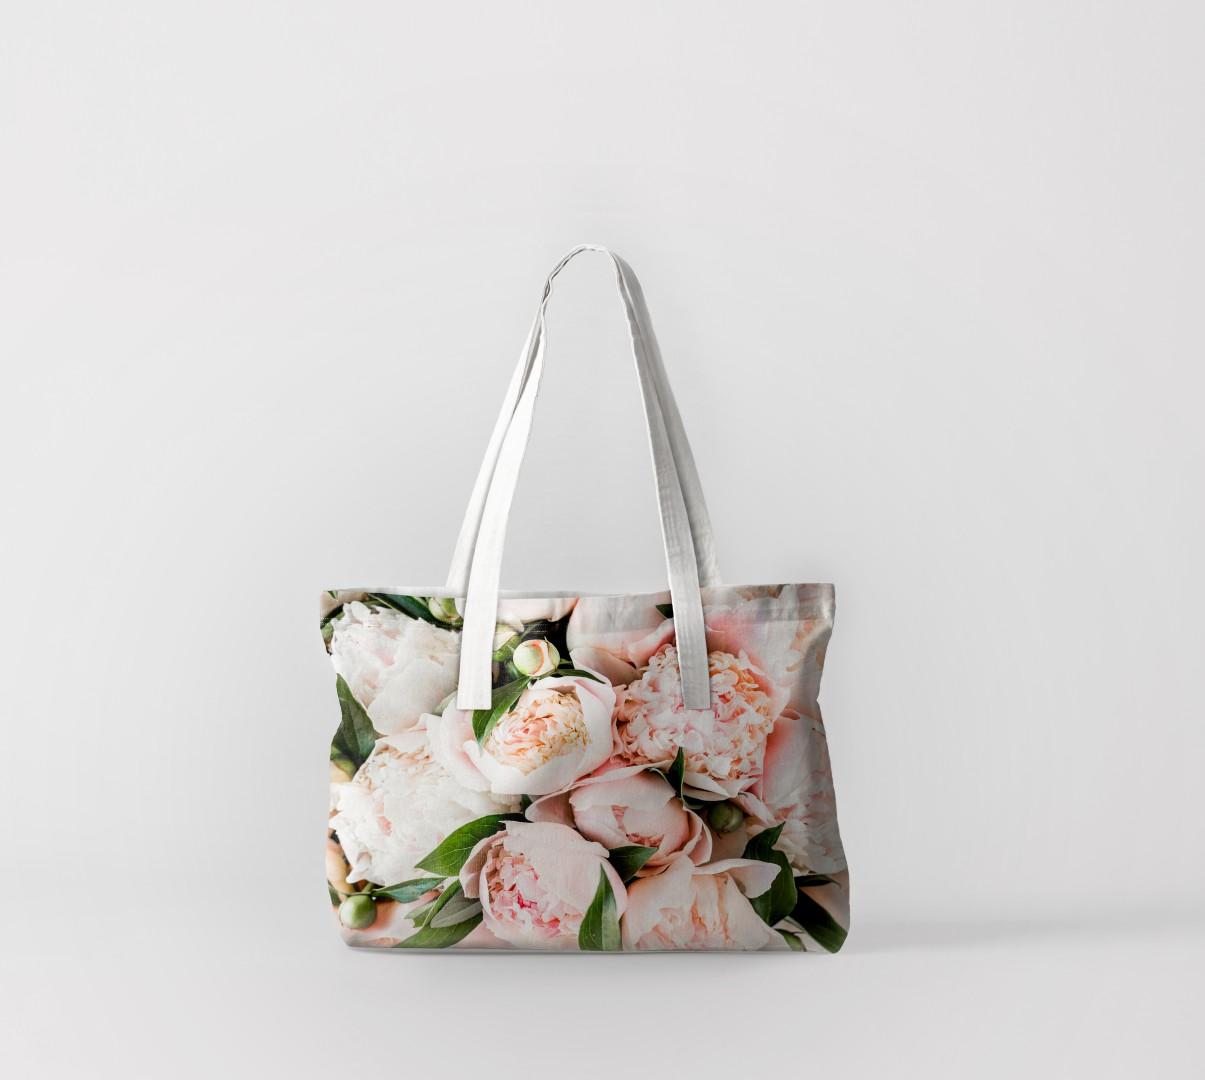 Пляжная сумка Букет нежных розовых пионов (50х40 см) Олимп Текстиль oli732559